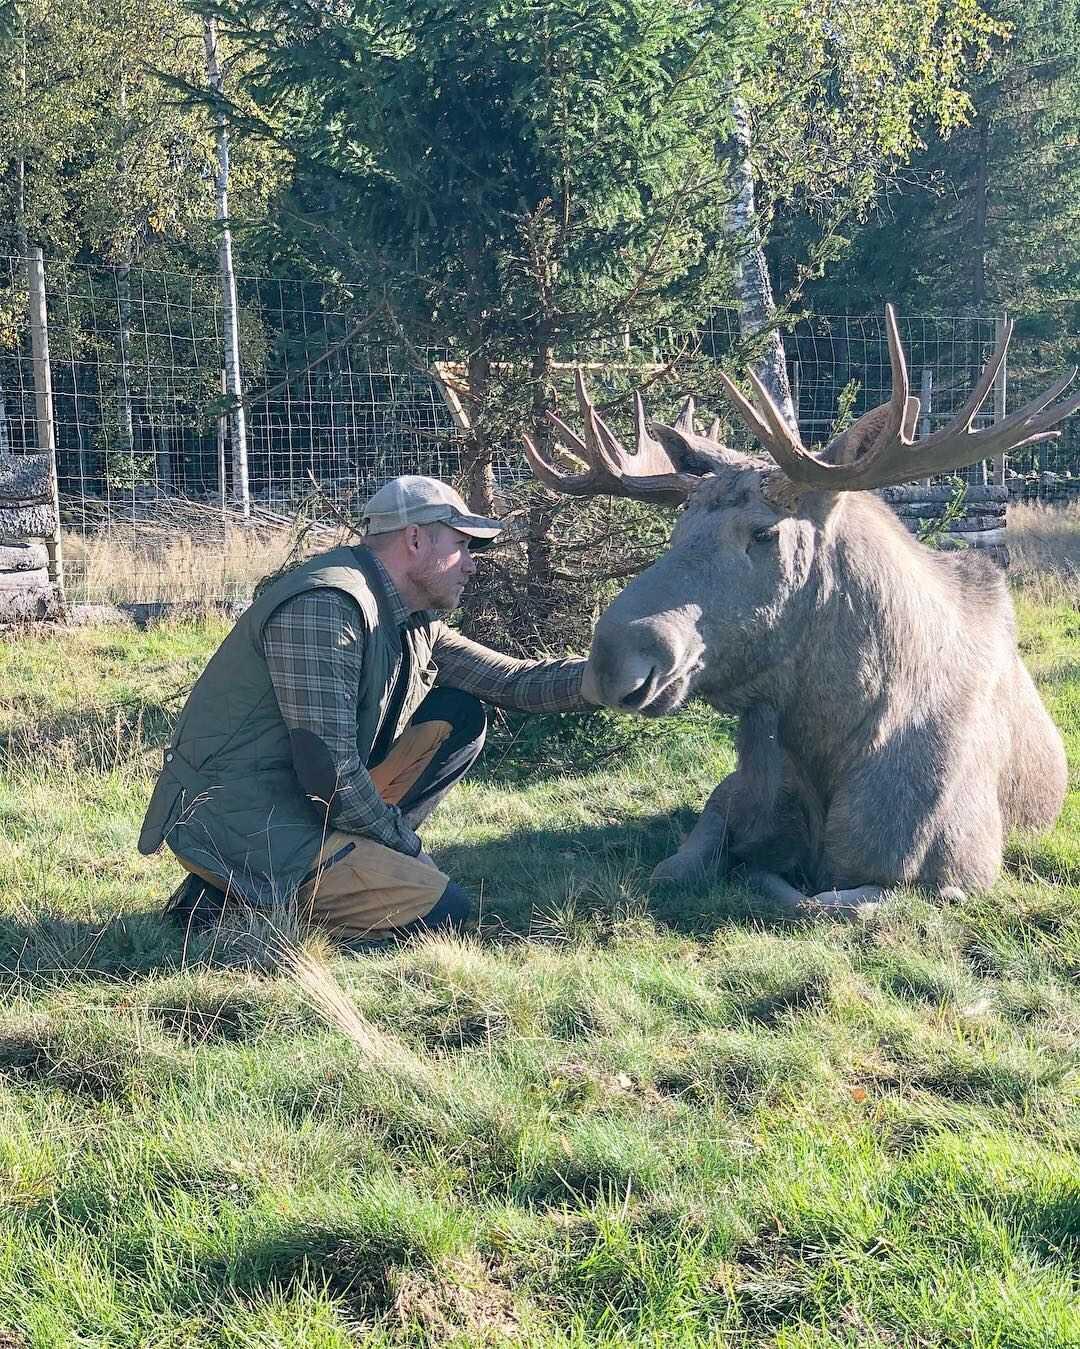 Älgjägaren Eric Olofsson och Elliot tillsammans på viltvårdsanläggningen.